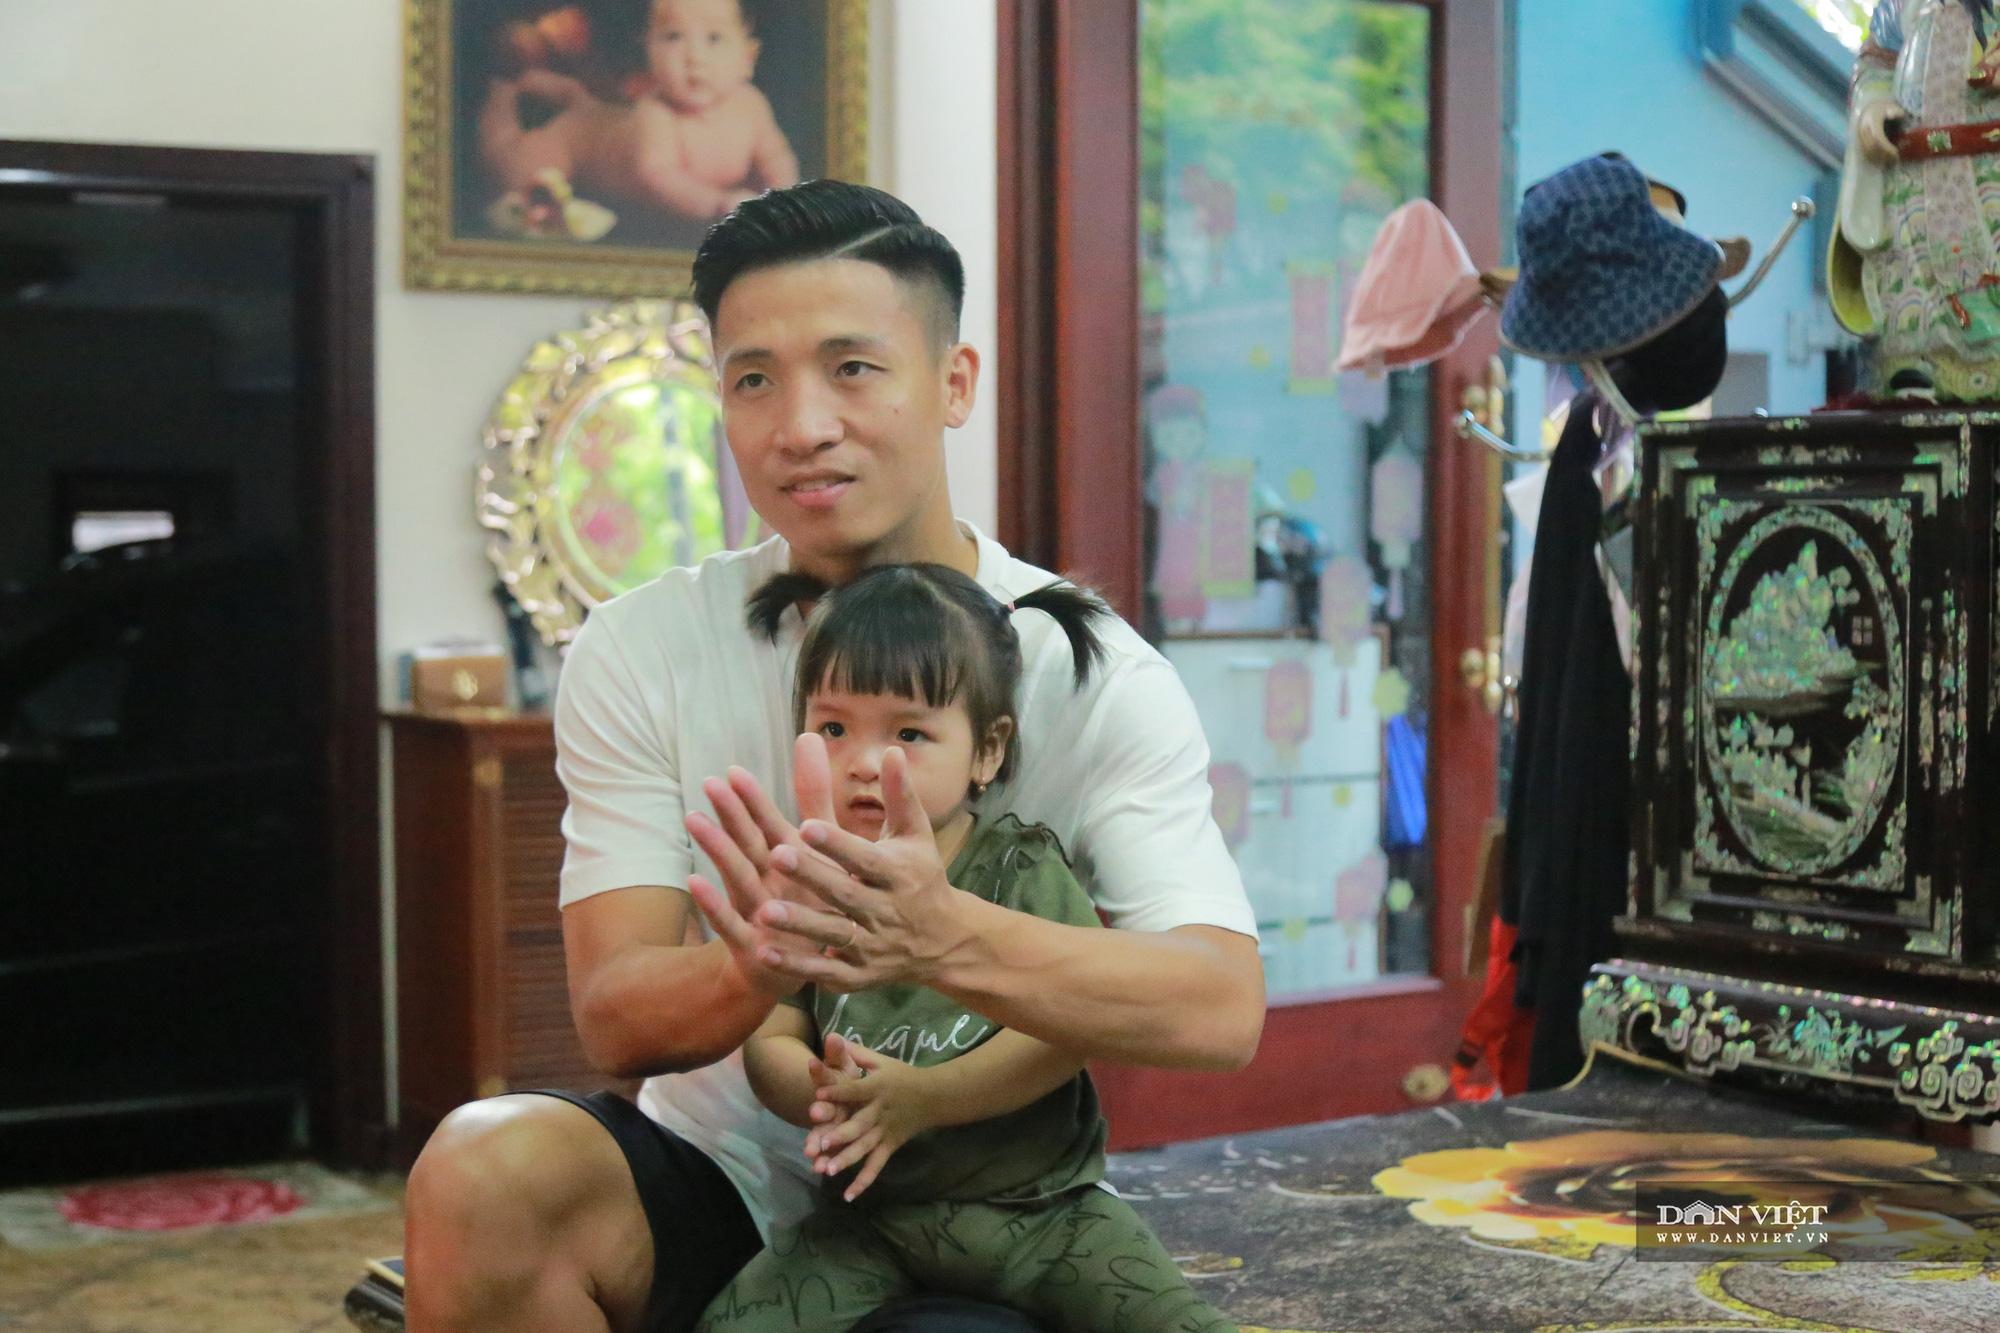 """Hậu vệ Bùi Tiến Dũng: """"Gia đình là số 1, thầy Park là người cha thứ 2 của tôi"""" - Ảnh 5."""